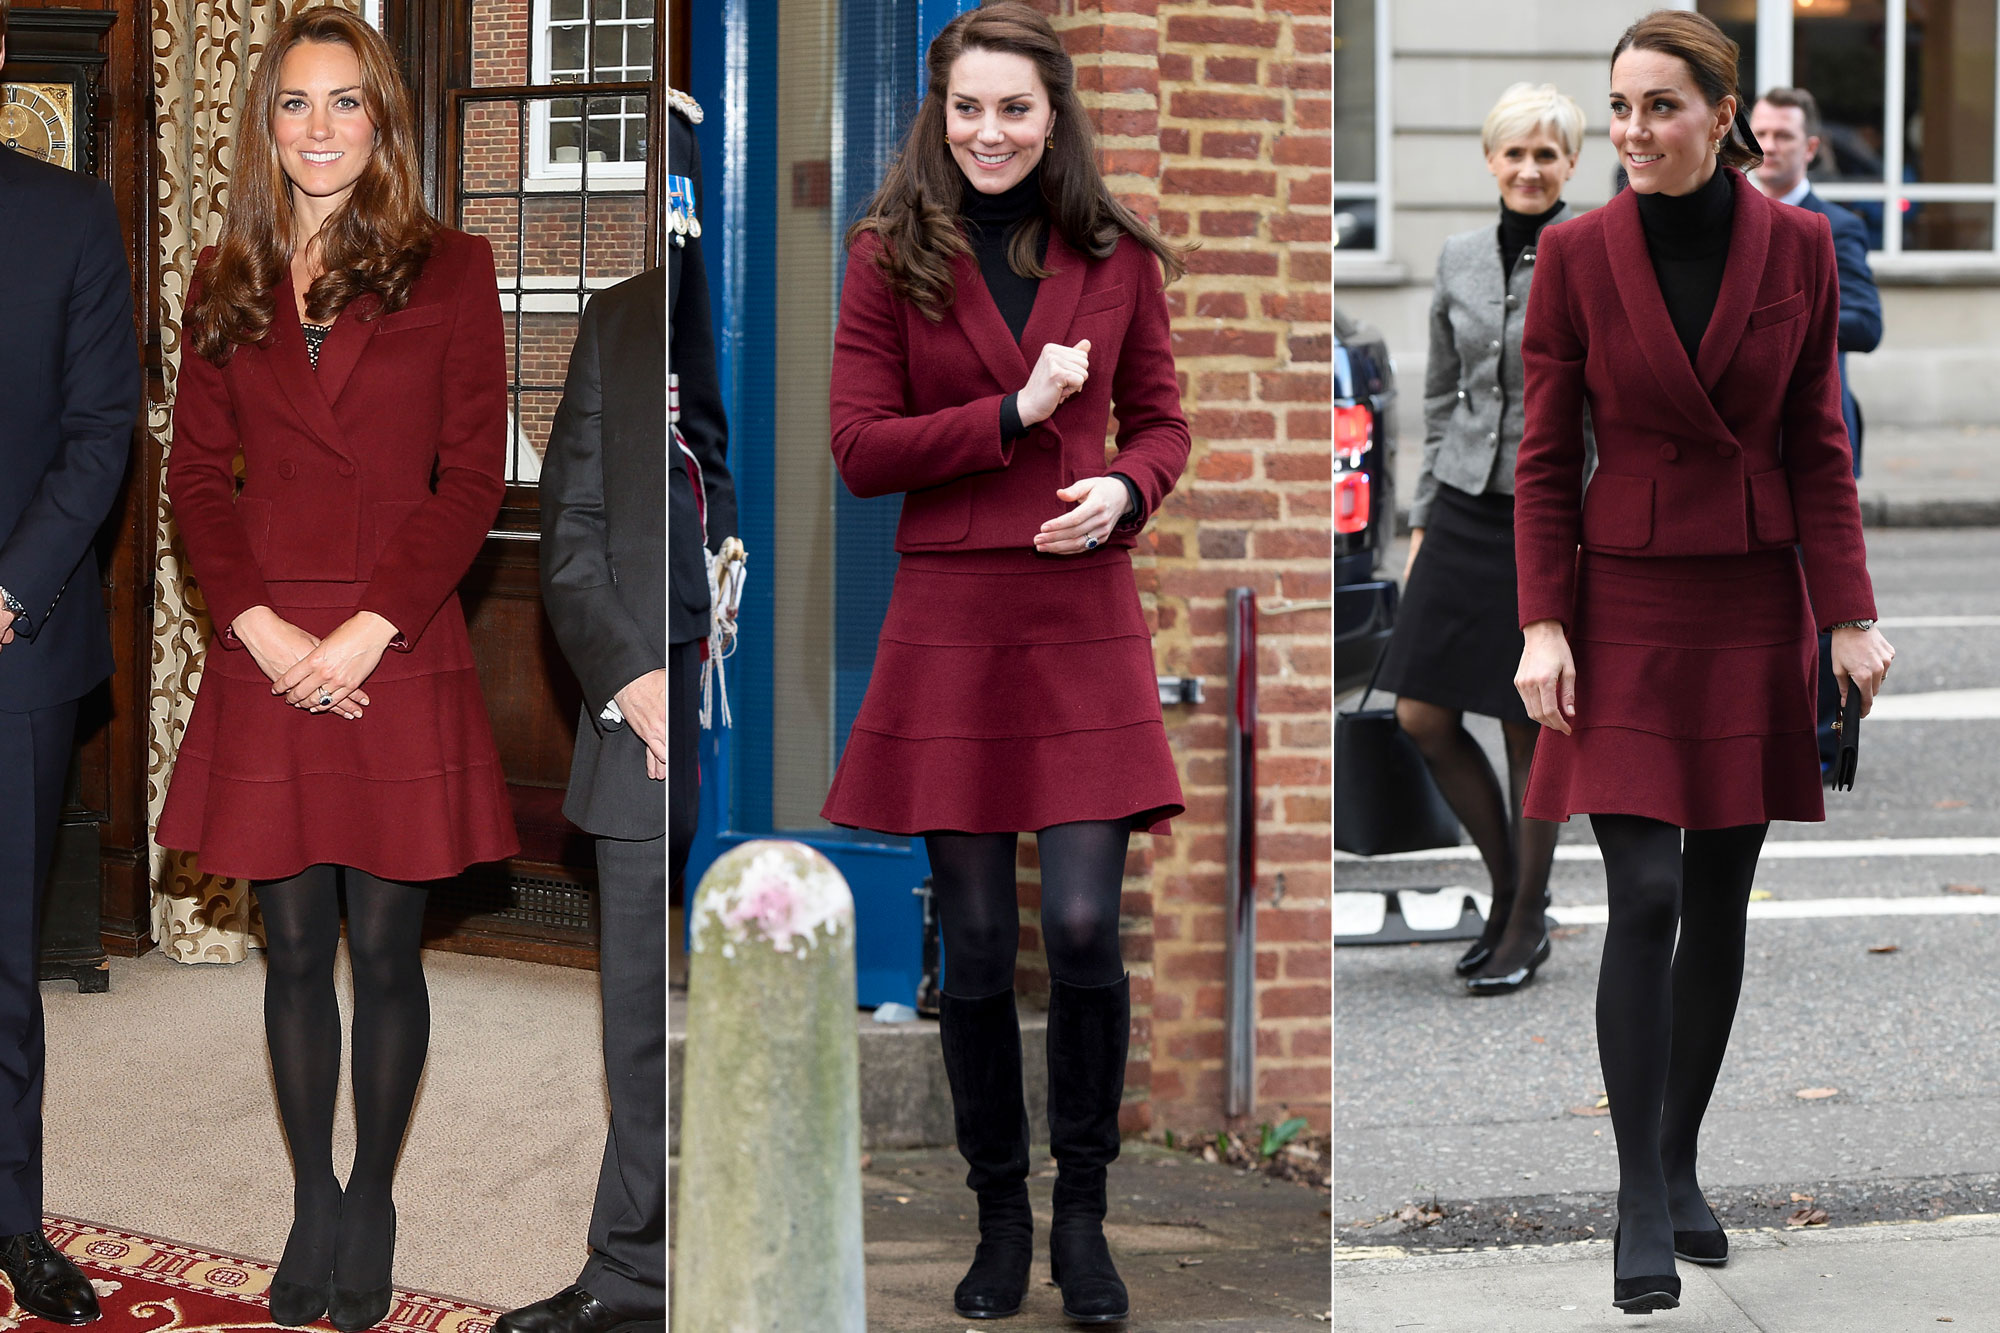 Meghan Markle lại thua đau chị dâu Kate trong cuộc chiến mặc đẹp: Đẳng cấp Nữ hoàng tương lai nó phải khác! - Ảnh 5.